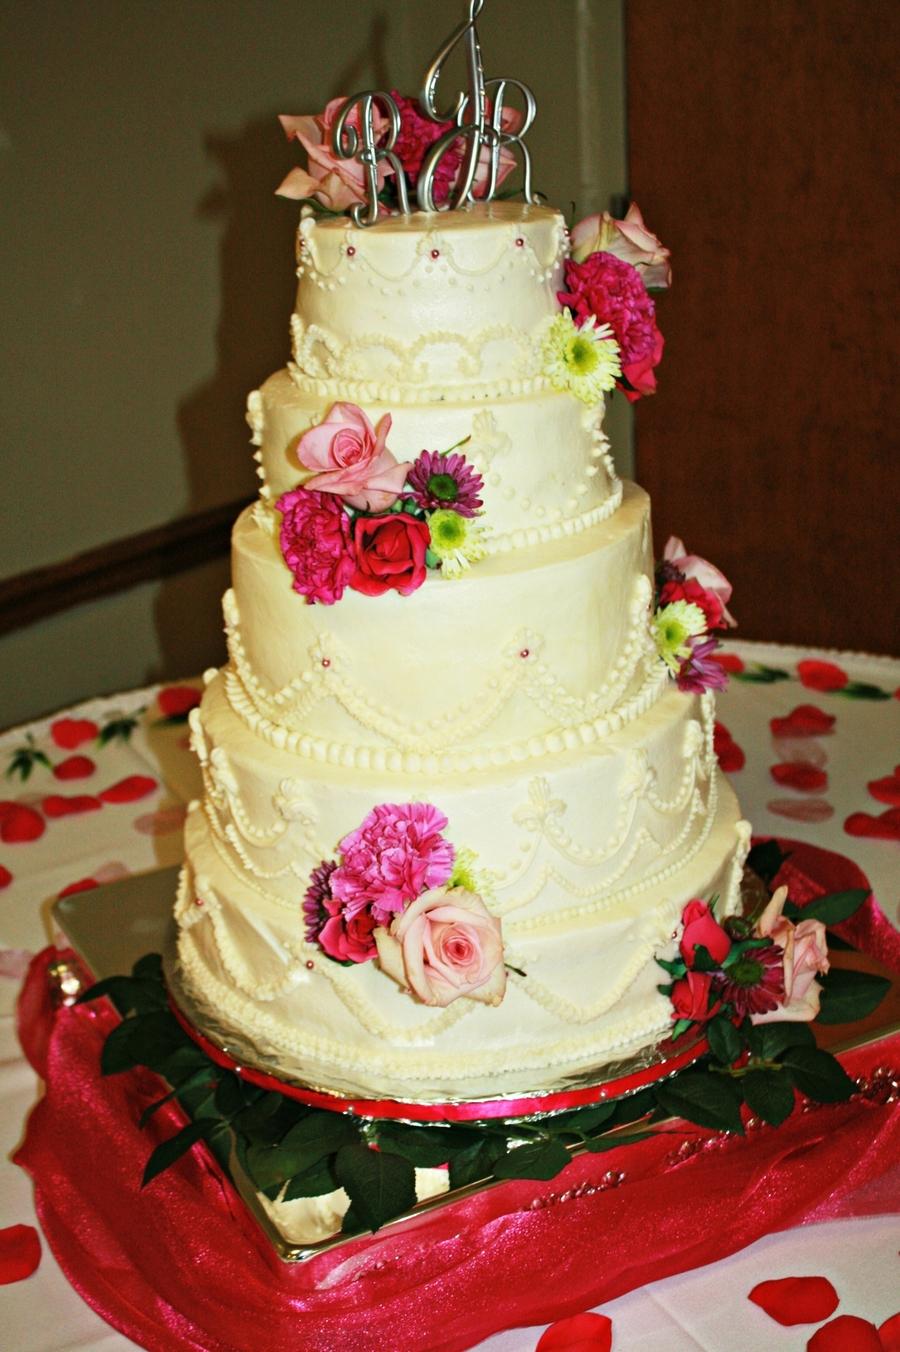 5-Tier Wedding Cake With Fuschia Flowers - CakeCentral.com